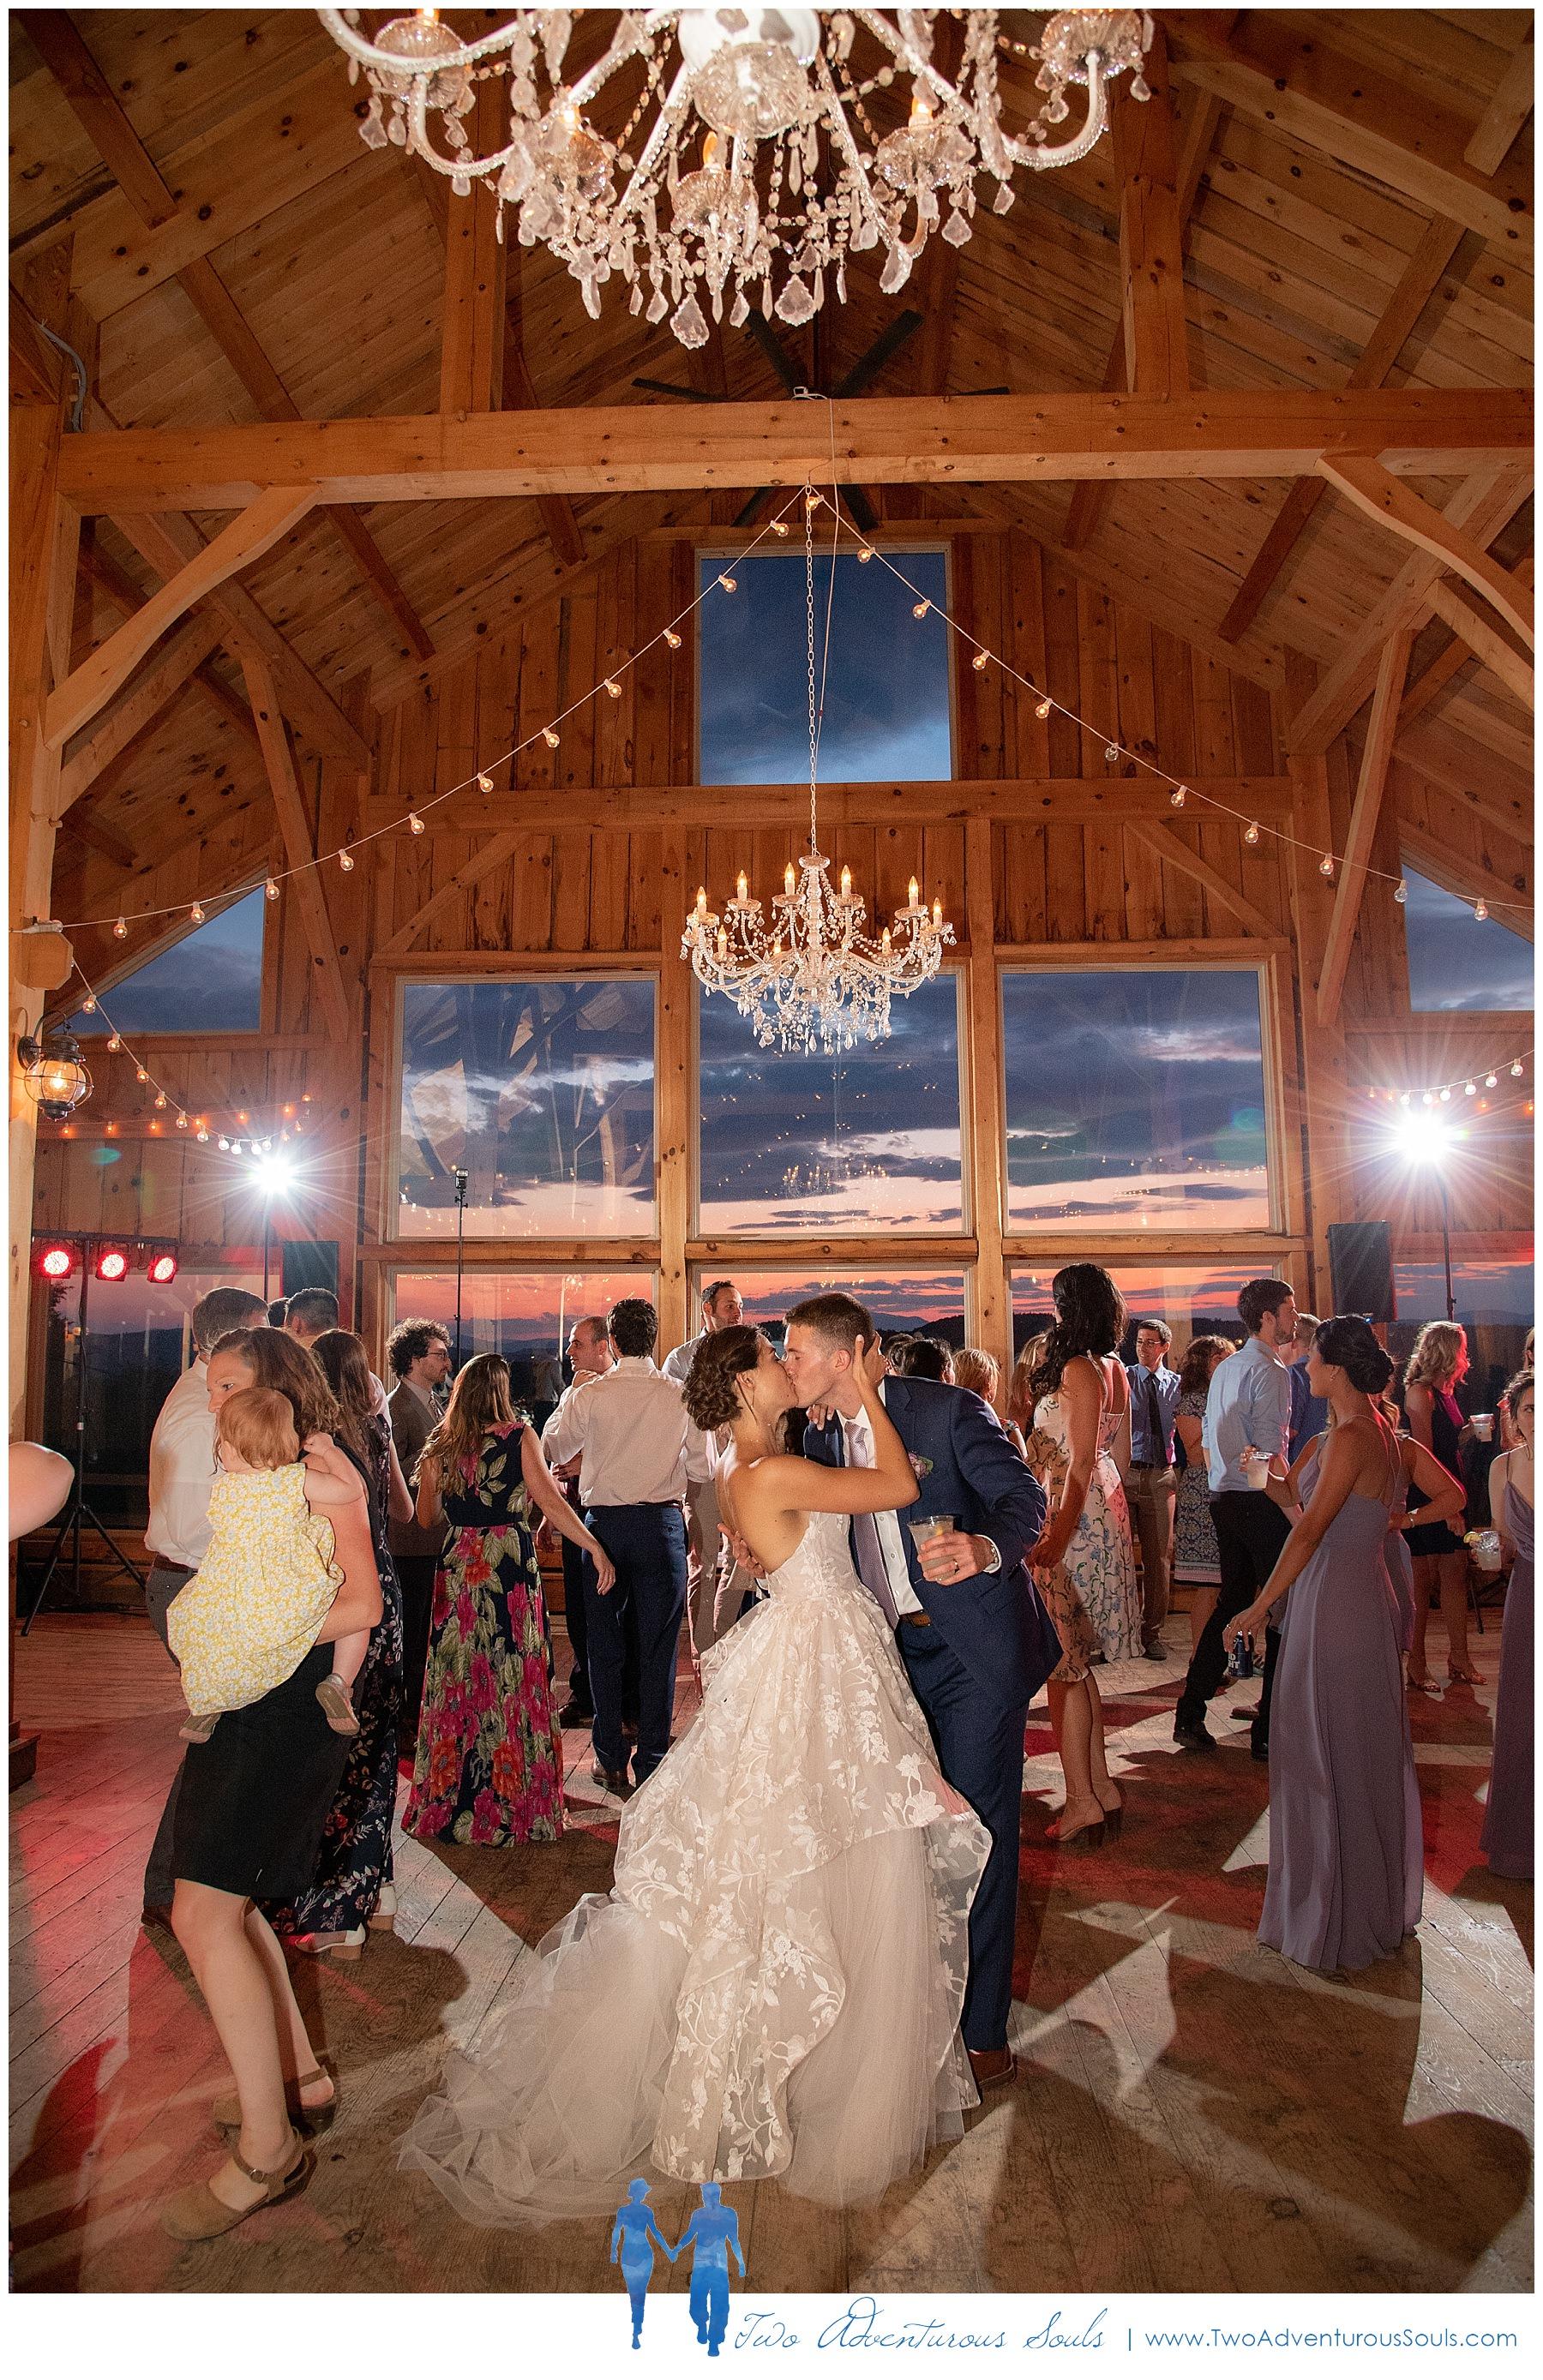 Maine Wedding Photographers, Granite Ridge Estate Wedding Photographers, Two Adventurous Souls - 080319_0070.jpg